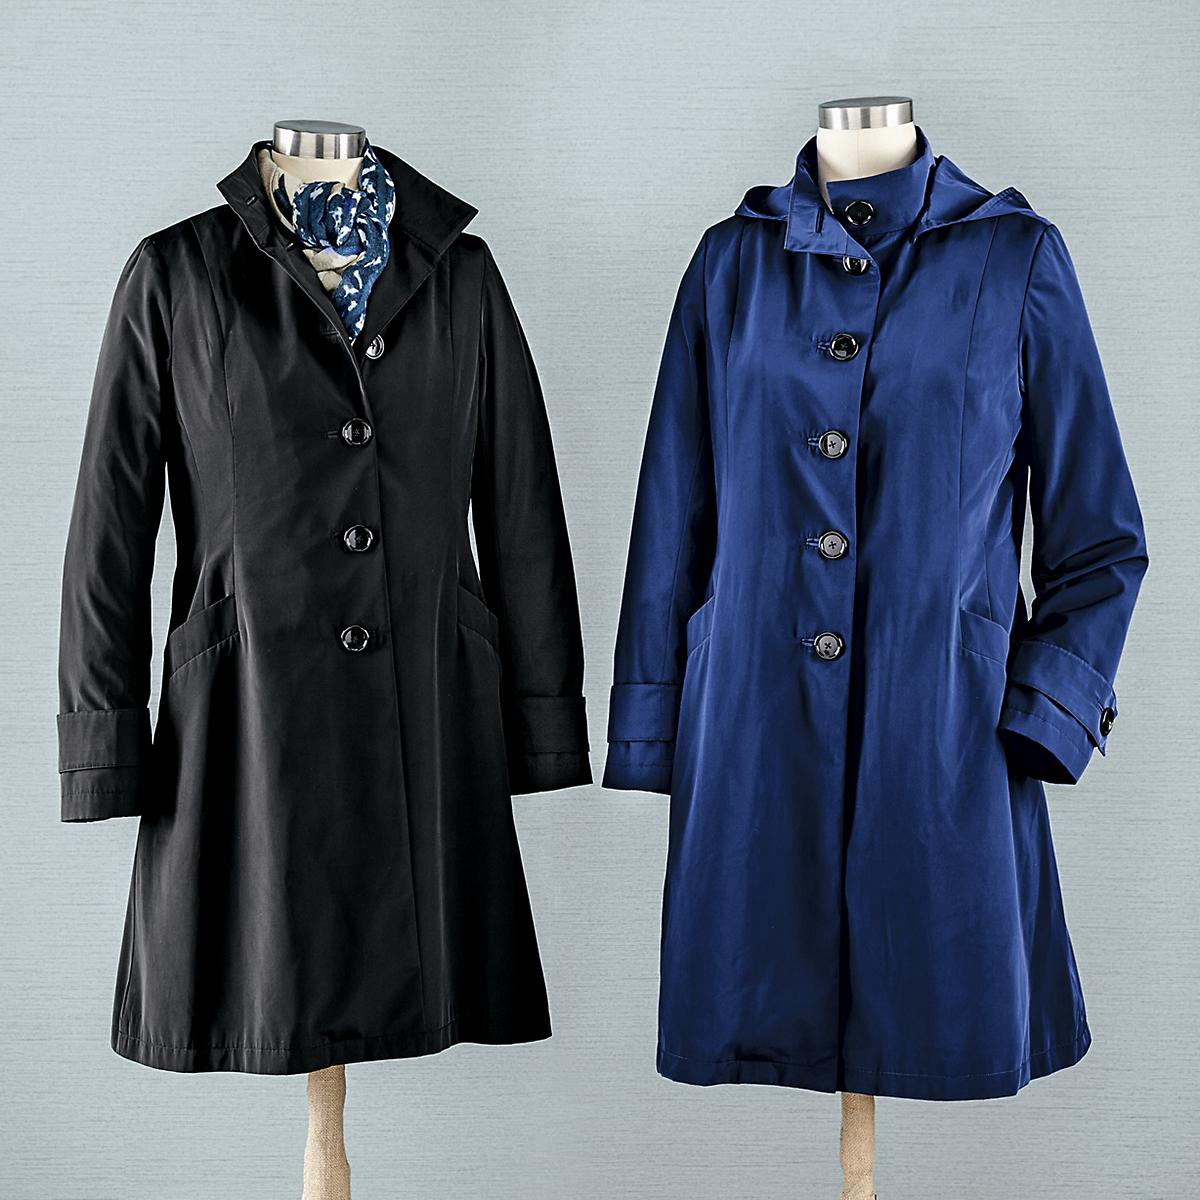 Men's All Weather Coat